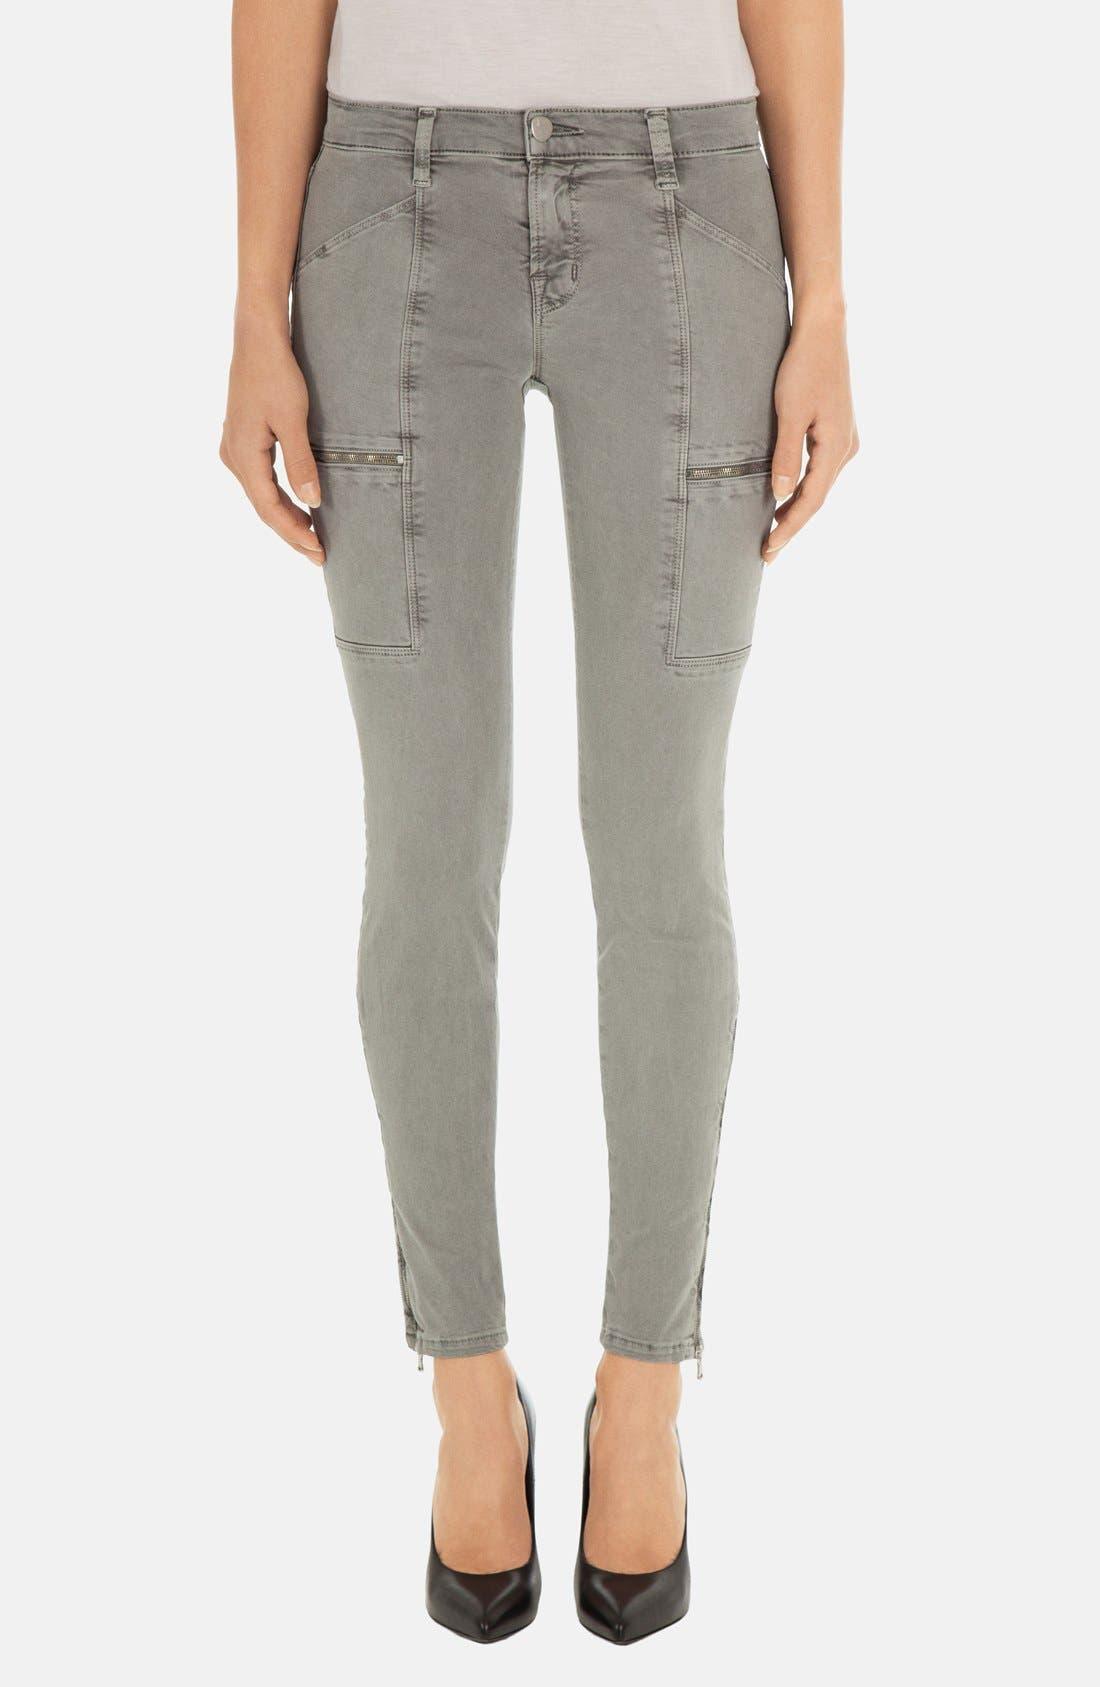 Alternate Image 1 Selected - J Brand 'Kassidy' Skinny Jeans (Vintage Olive)